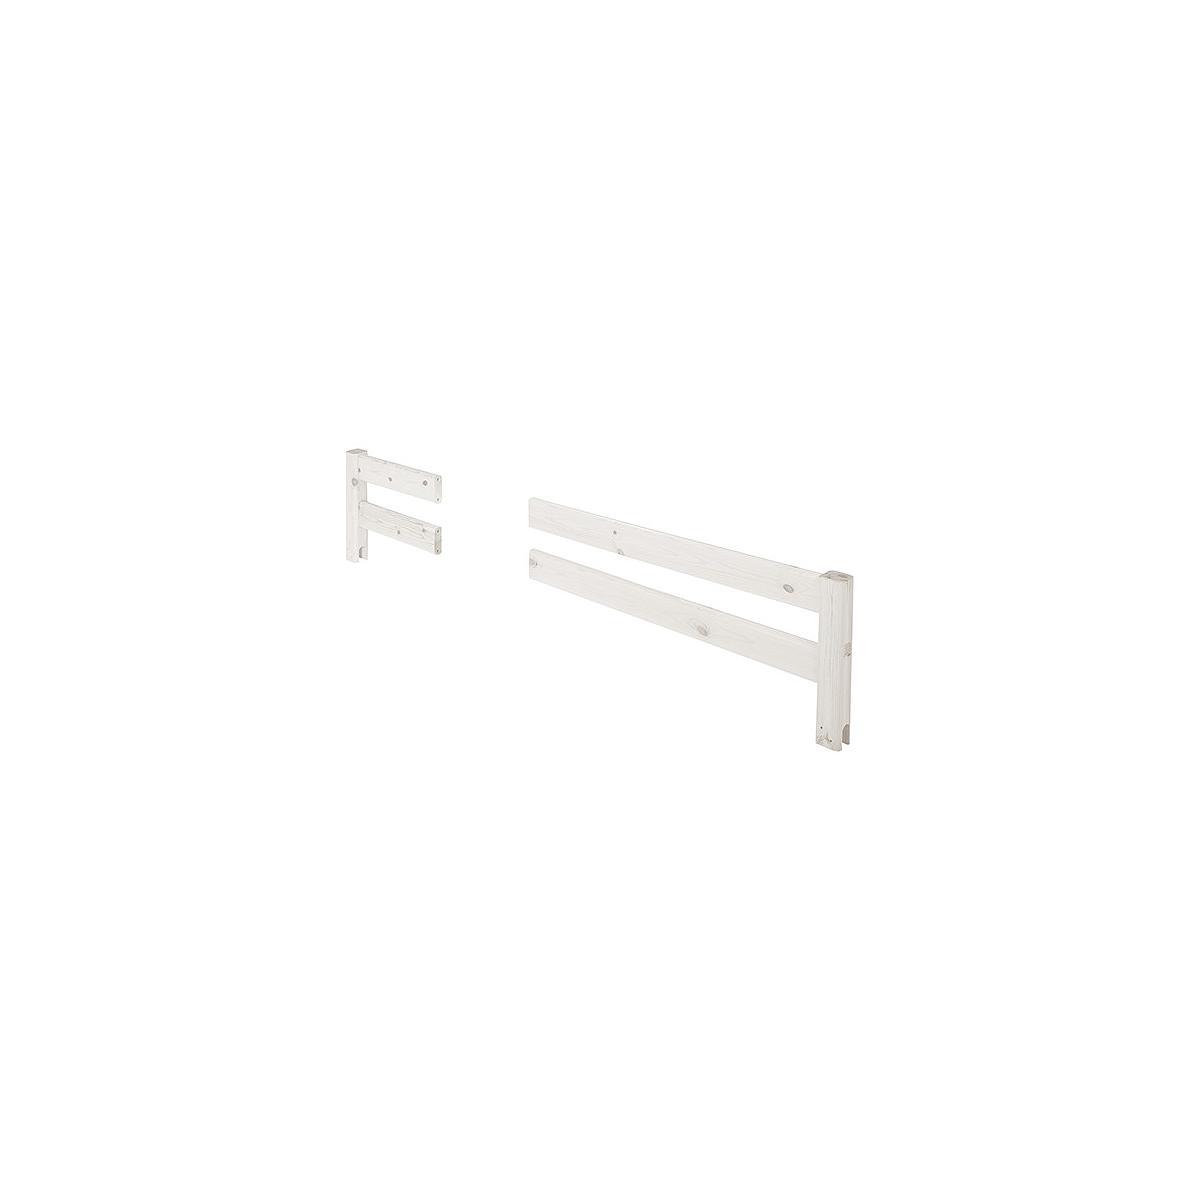 Barrera 2 partes Cama 200cm CLASSIC Flexa blanco cal